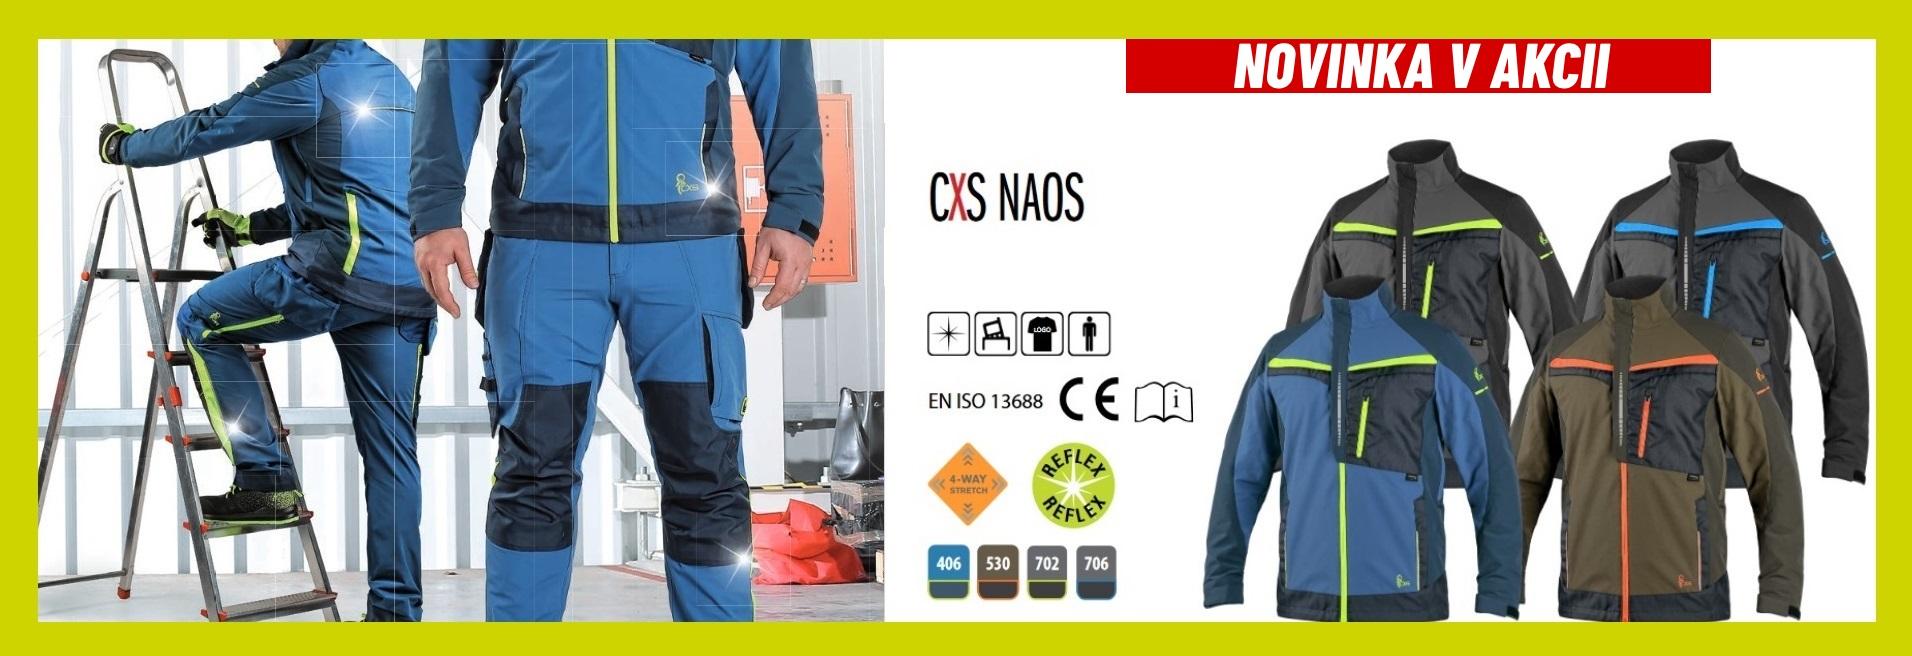 CXS NAOS